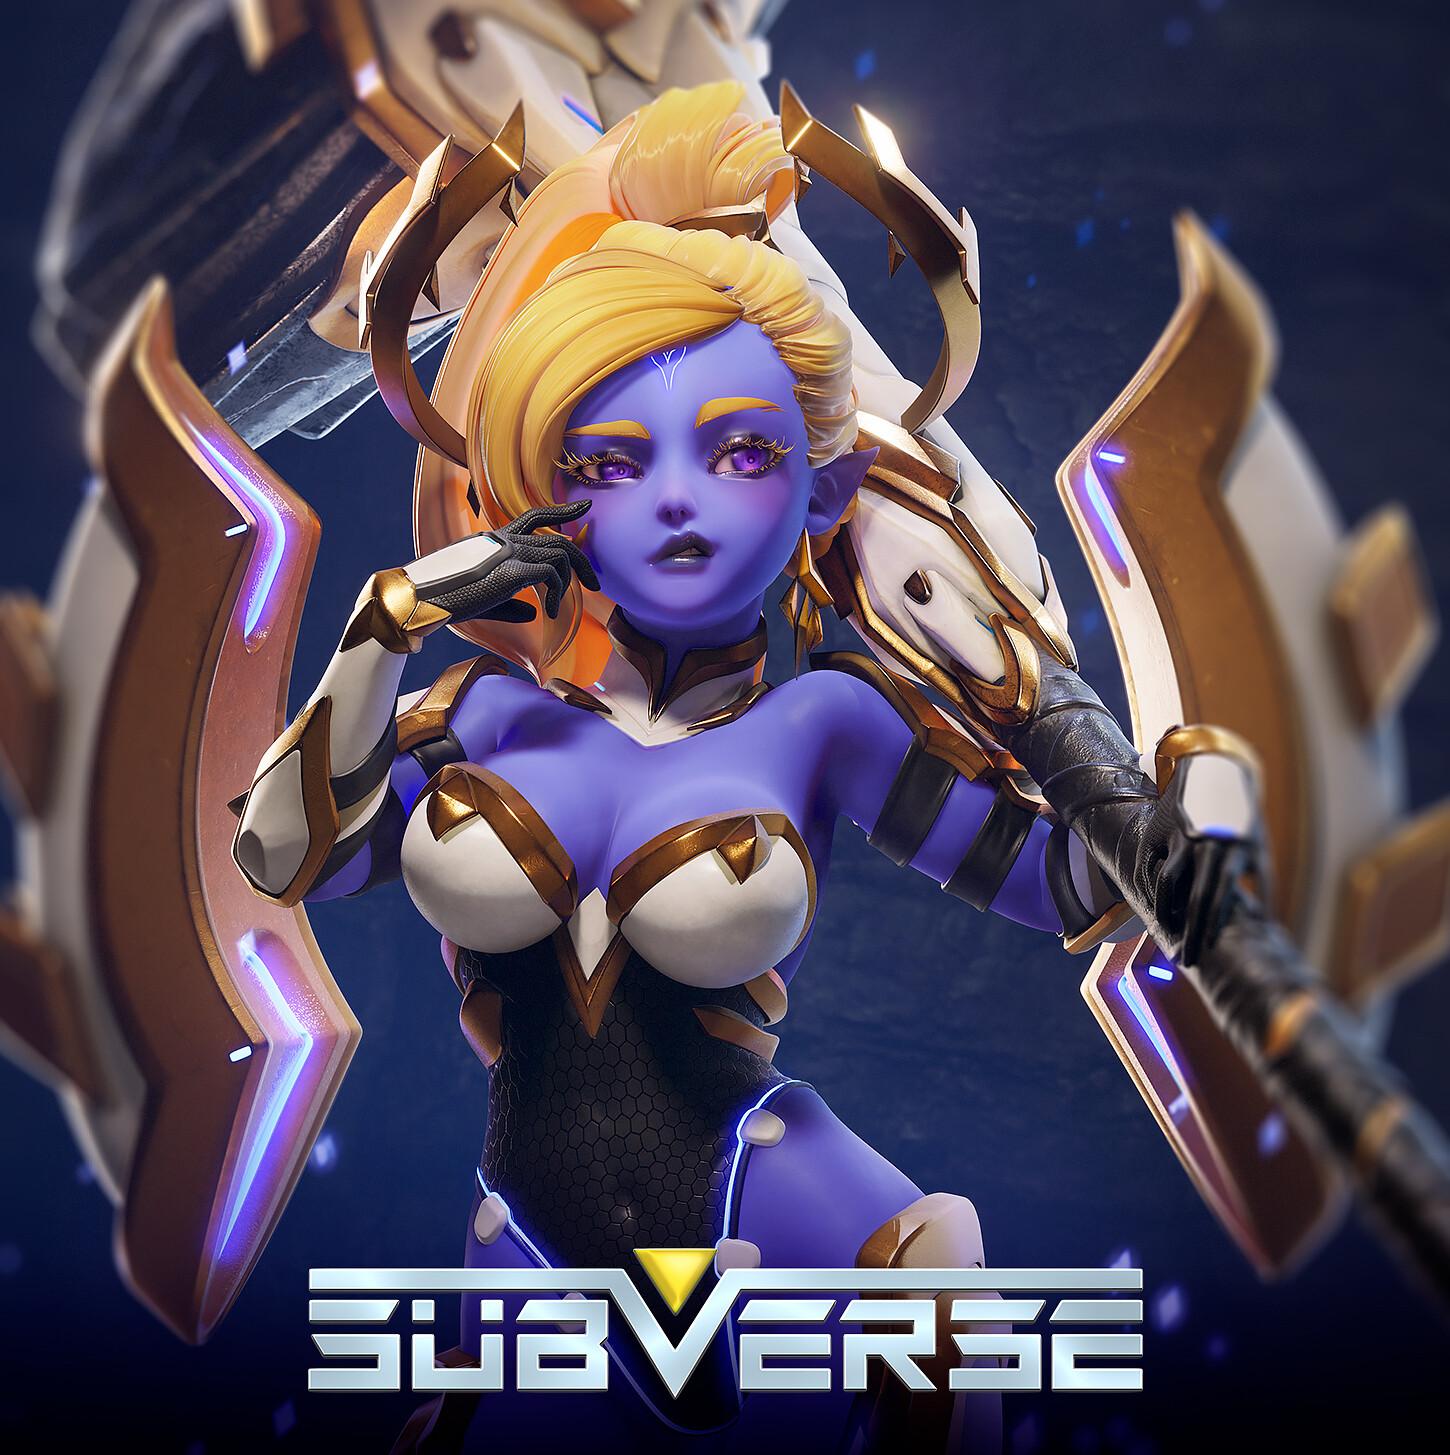 Subverse - Sova